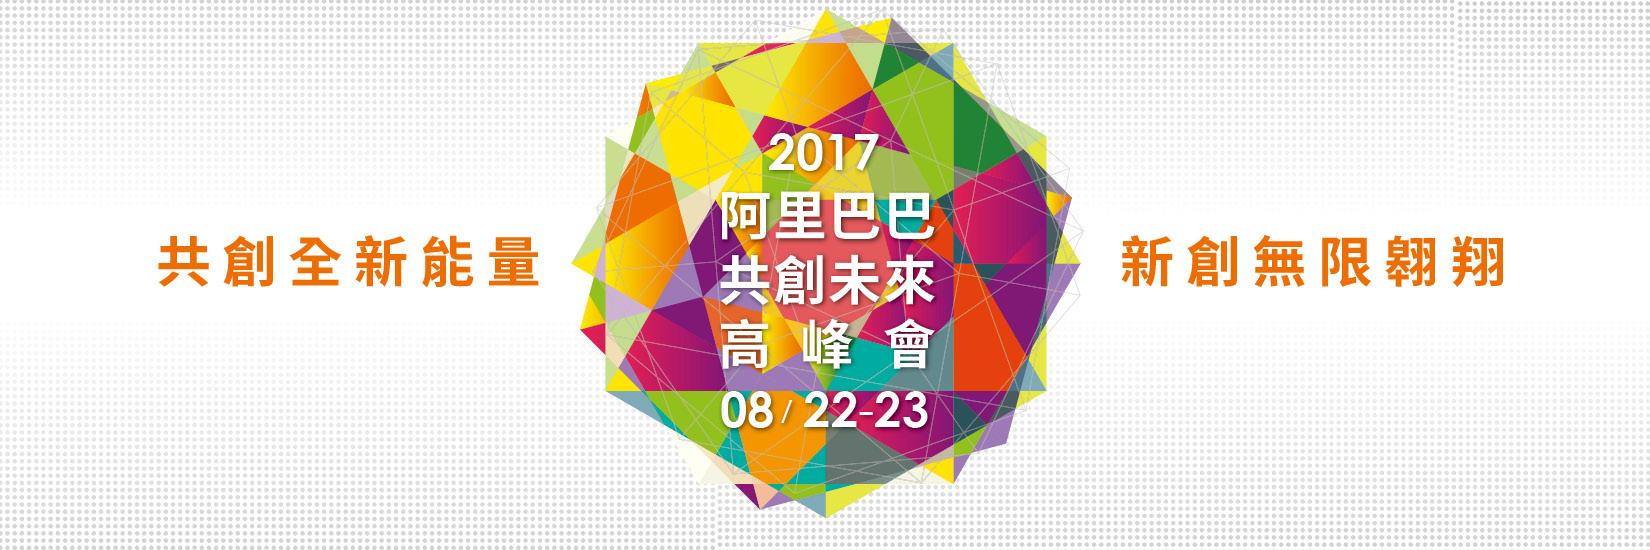 2017 阿里巴巴共創未來 高峰會